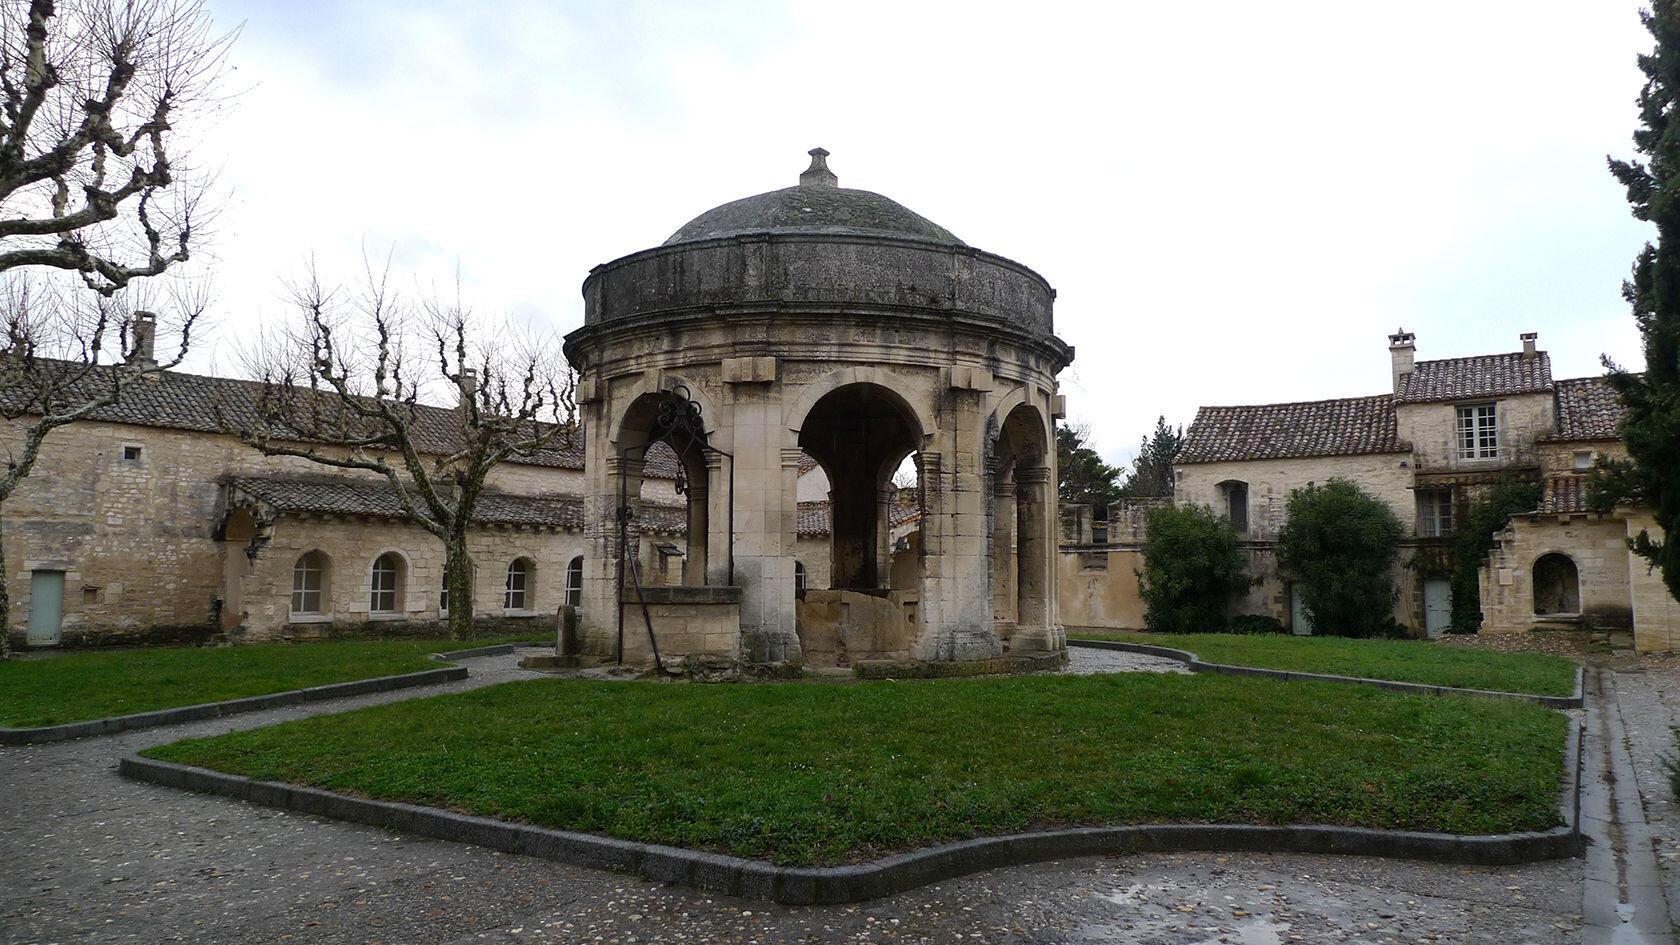 Visit Villeneuve-lès-Avignon La Chartreuse